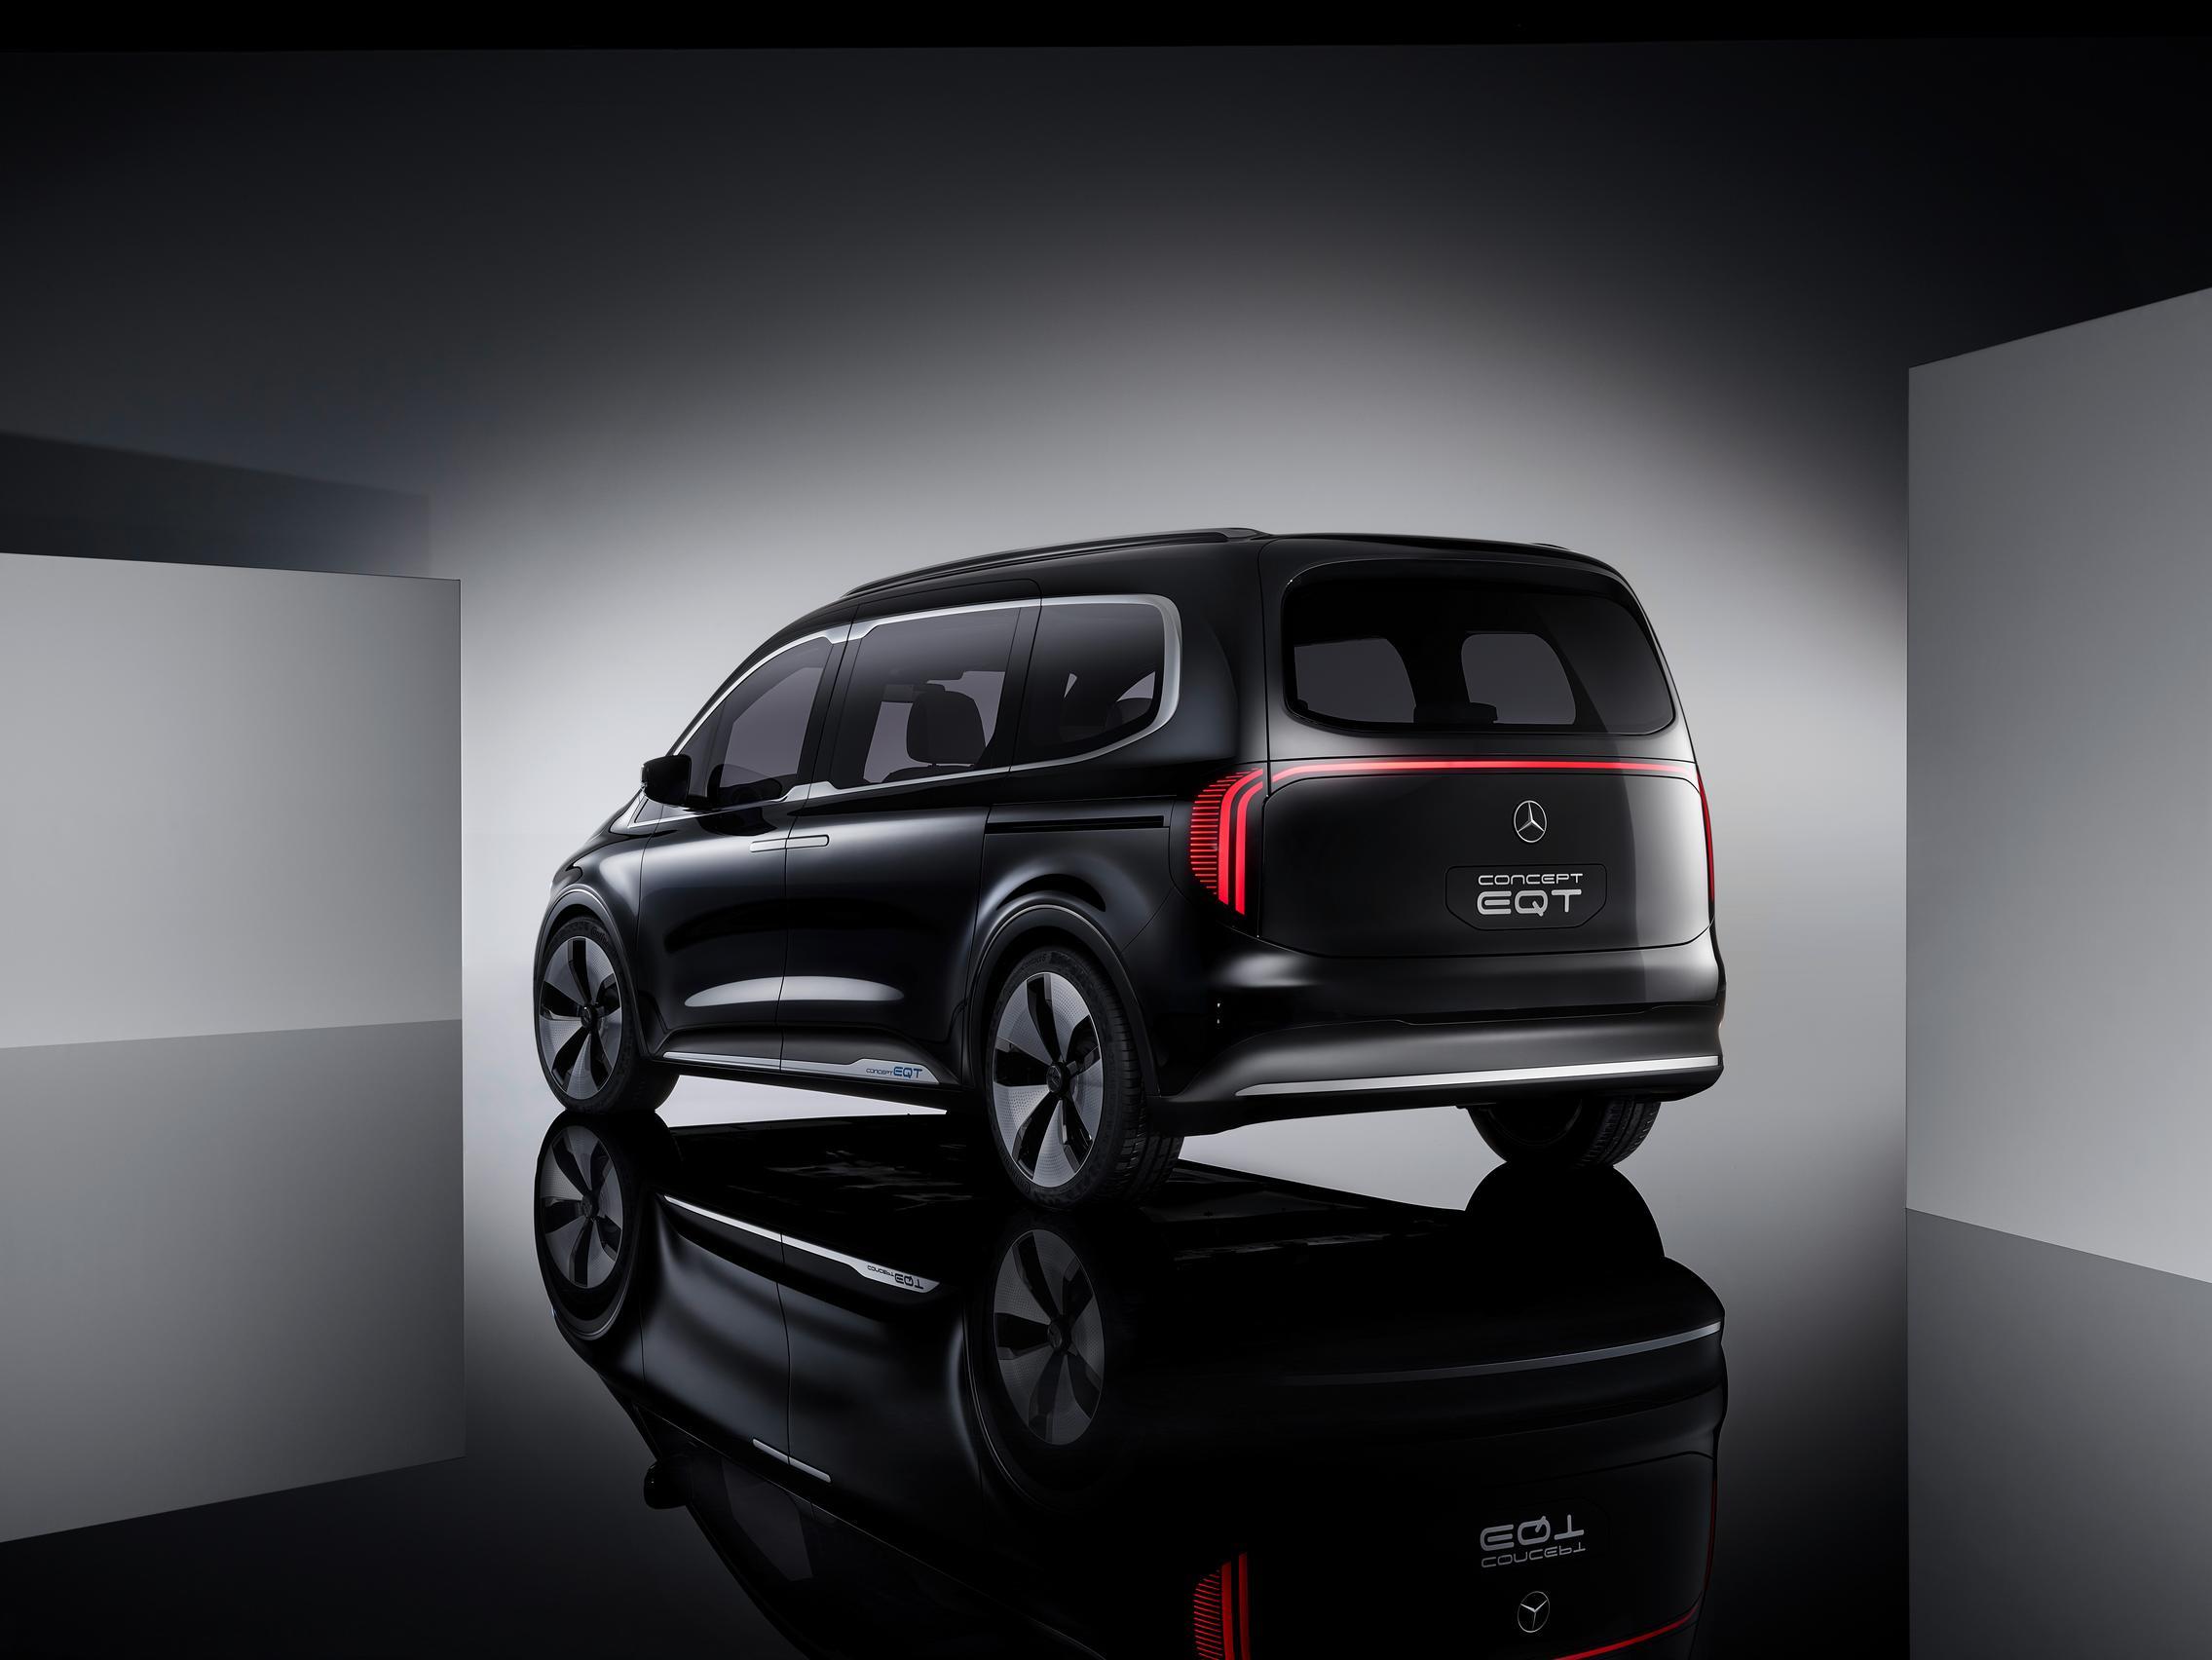 2022 Mercedes-Benz EQT rear